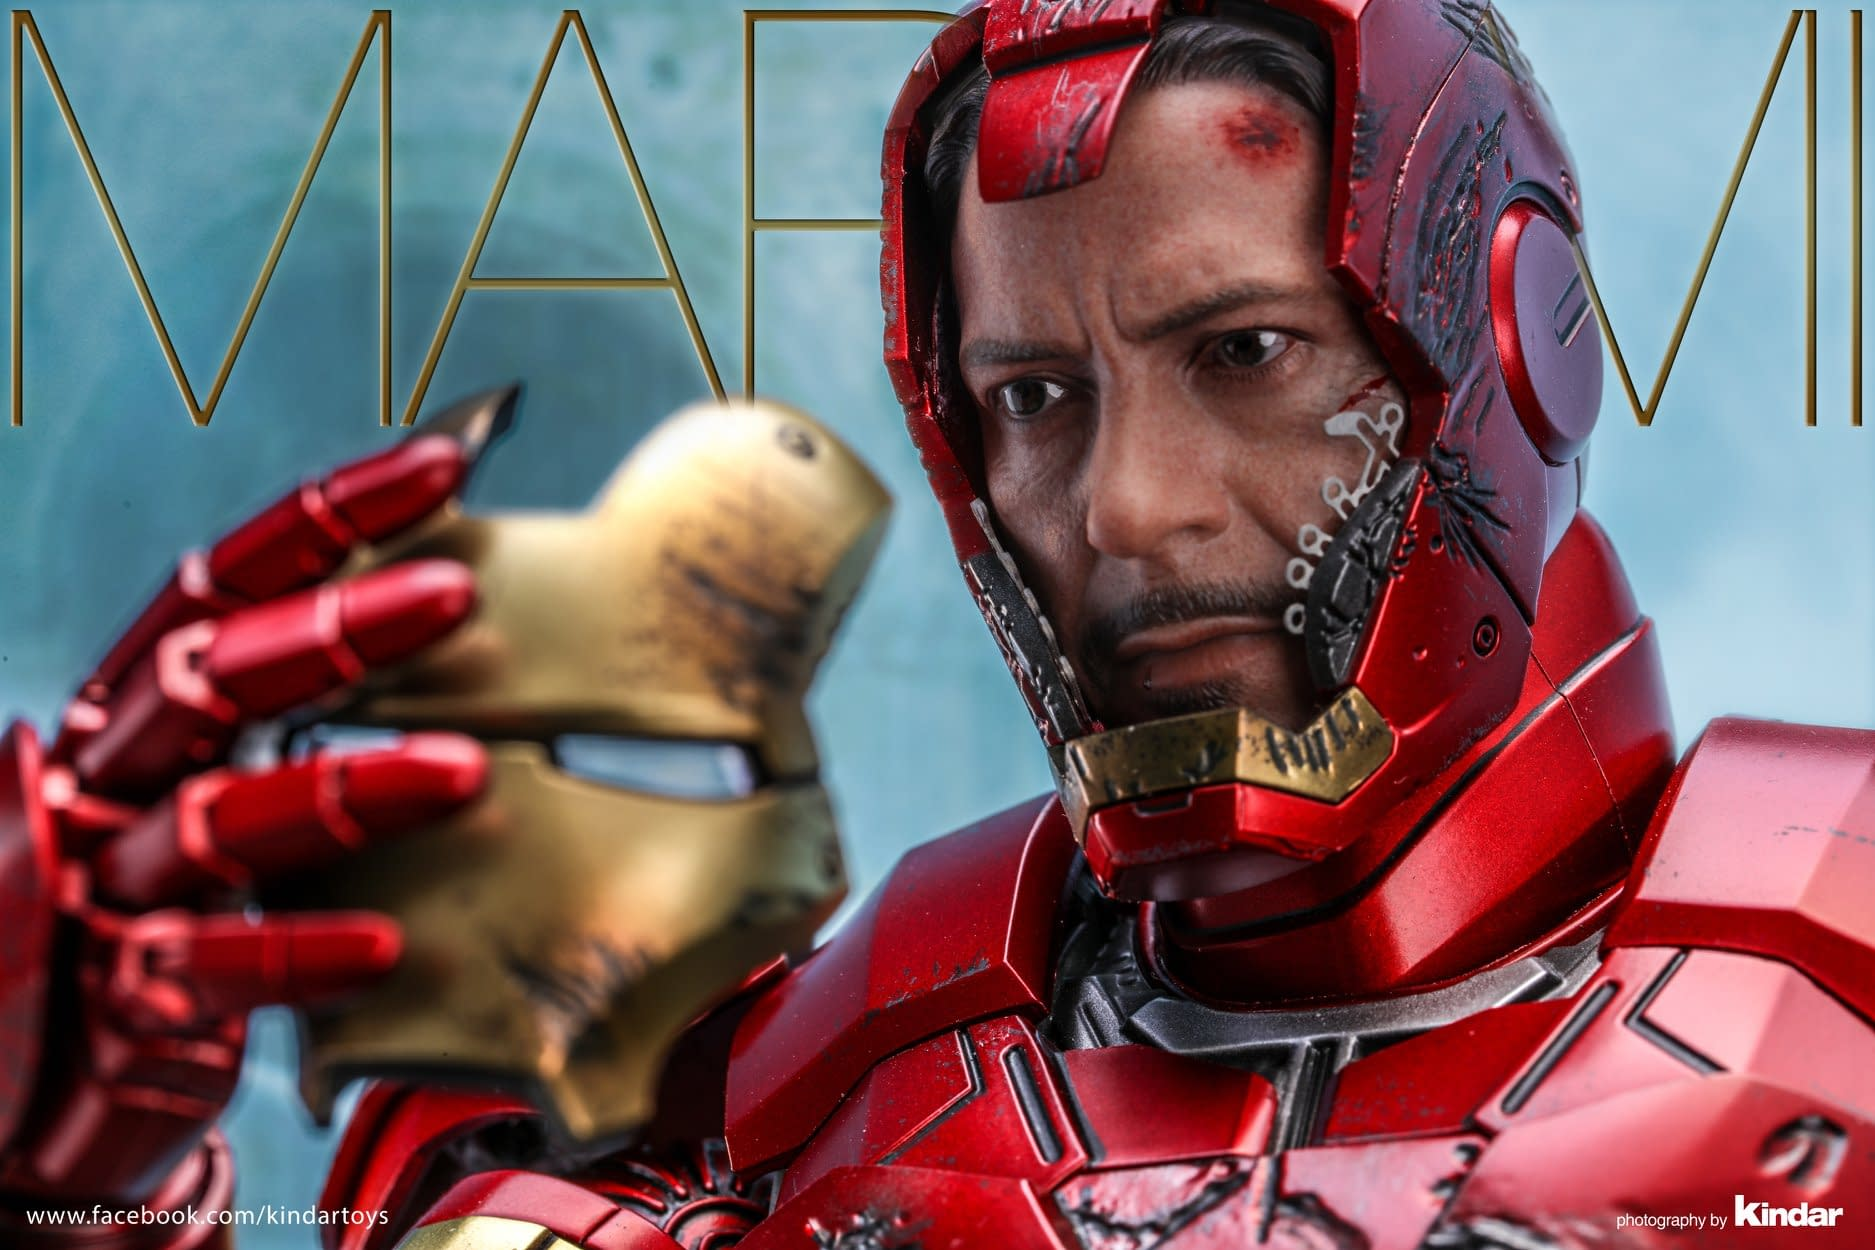 Hot Toys Celebrates Their 500th Creation with Iron Man Mark VII